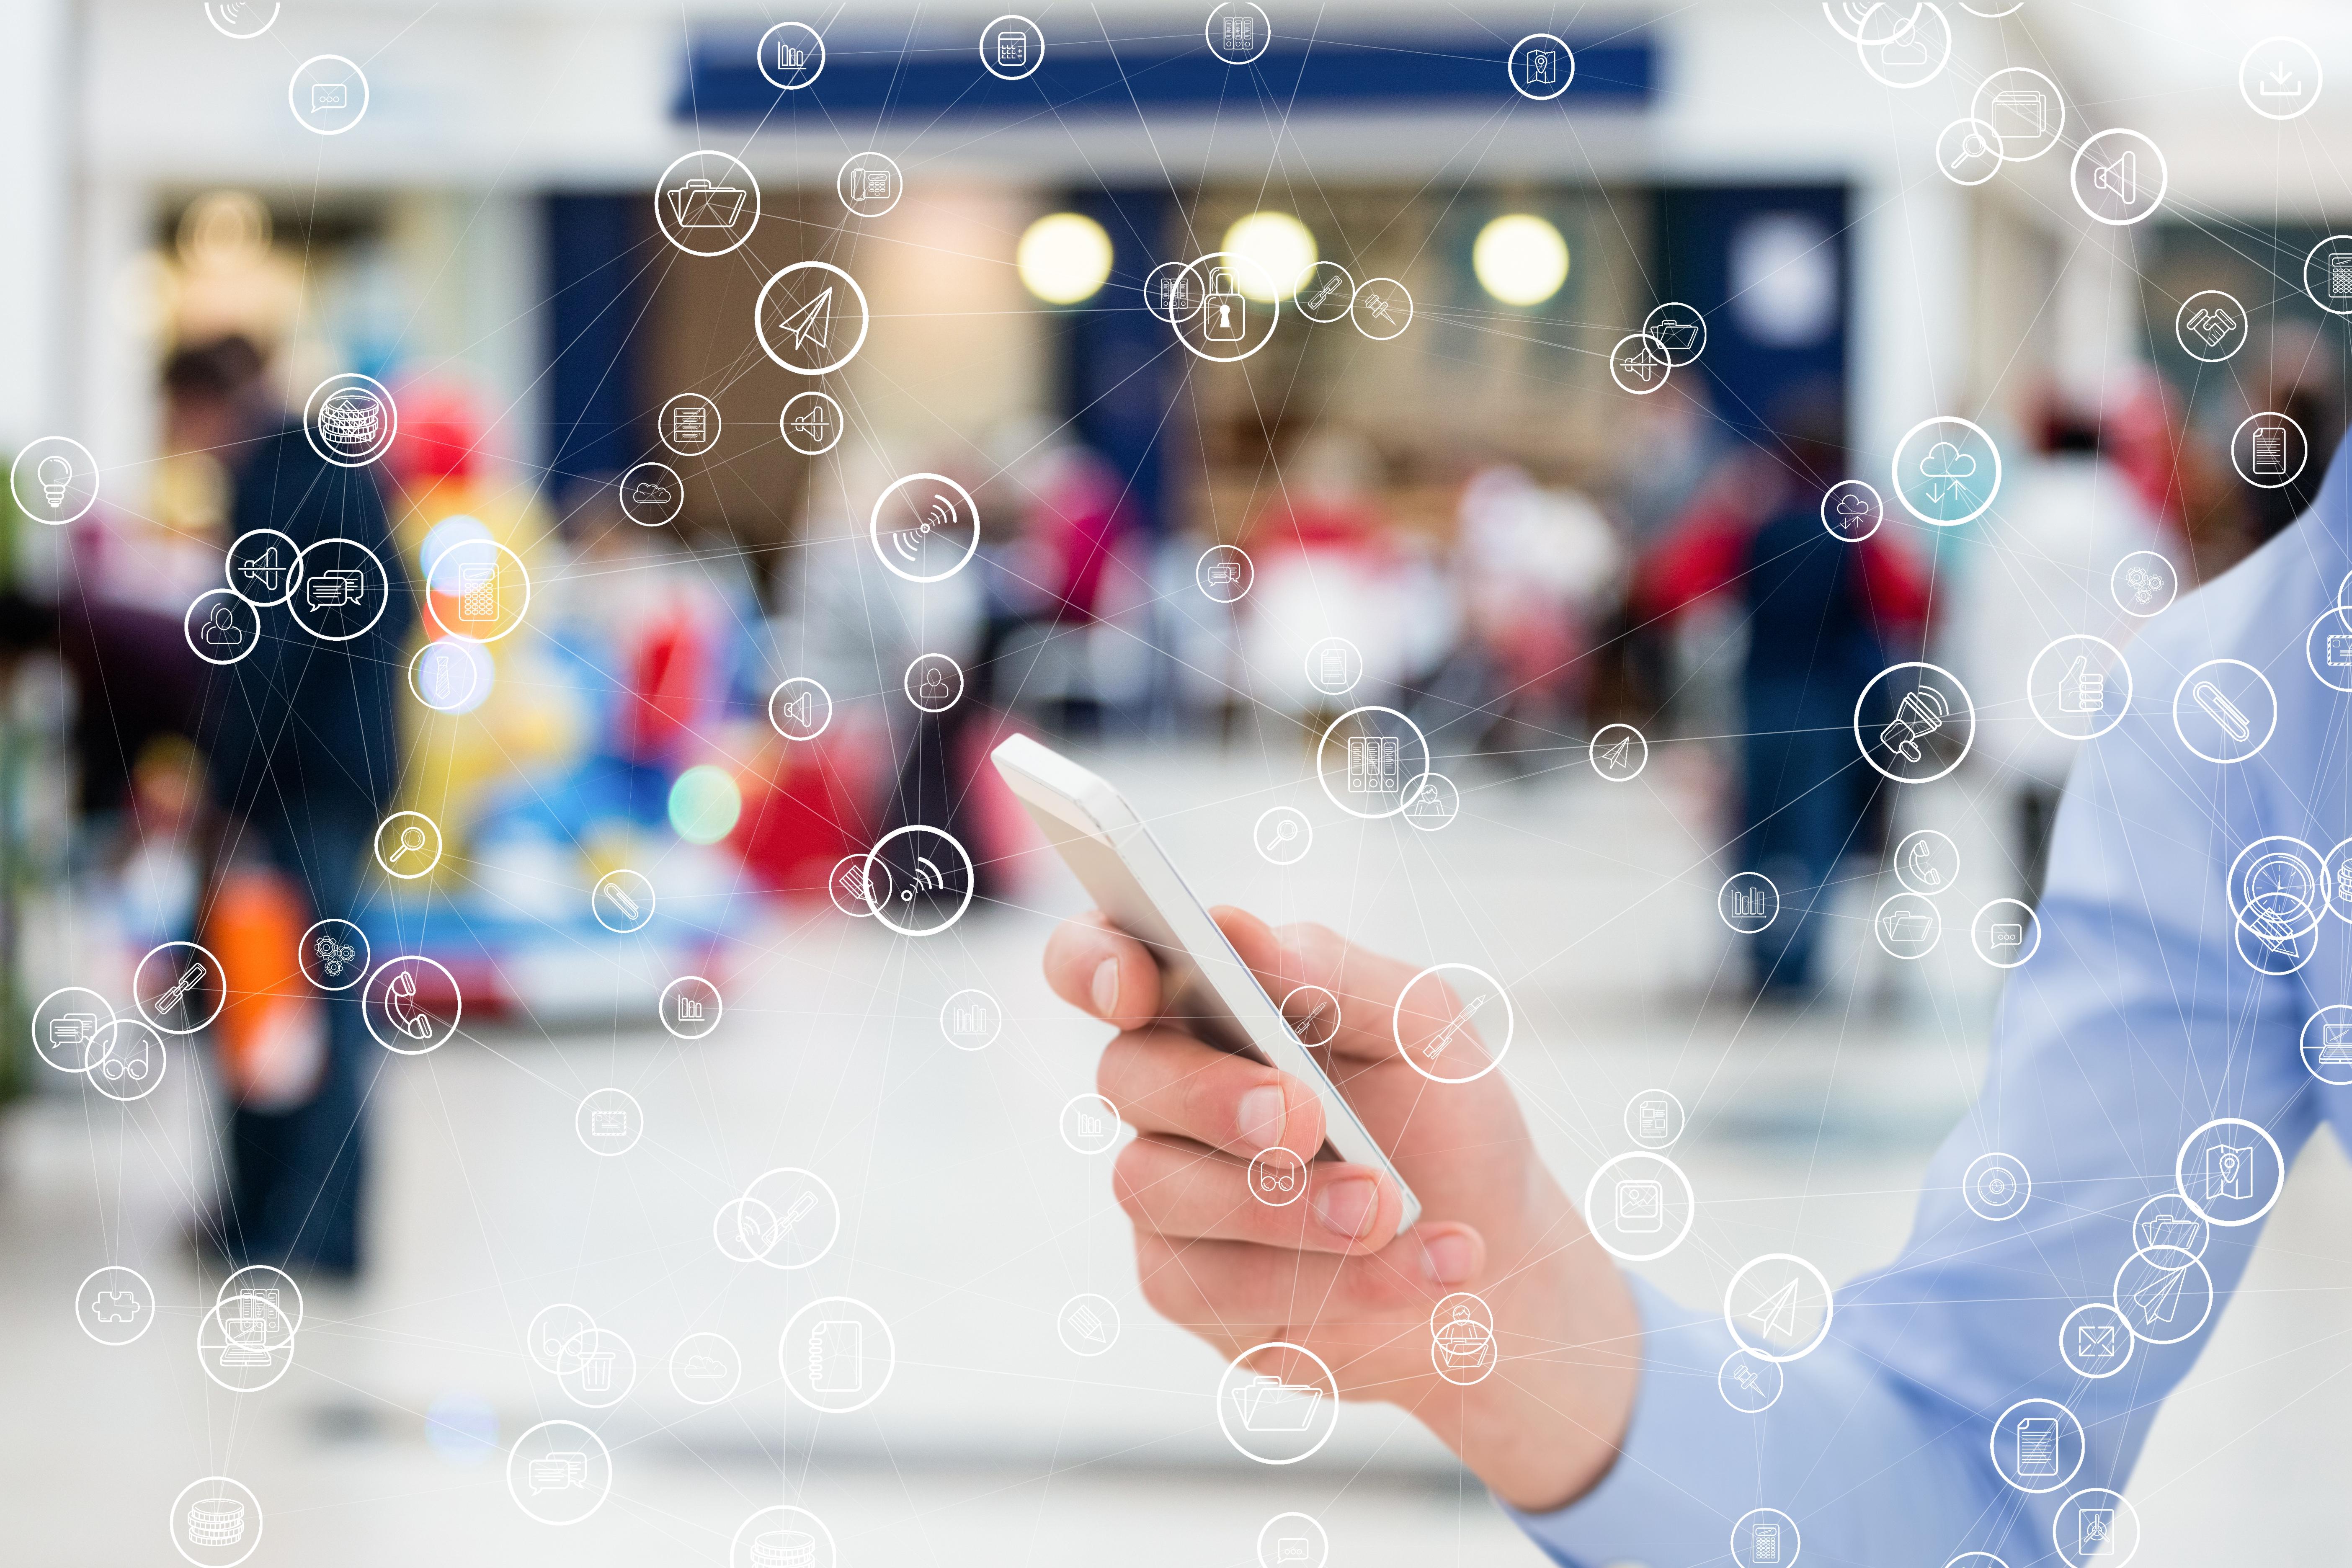 impacto del internet de las cosas en los negocios